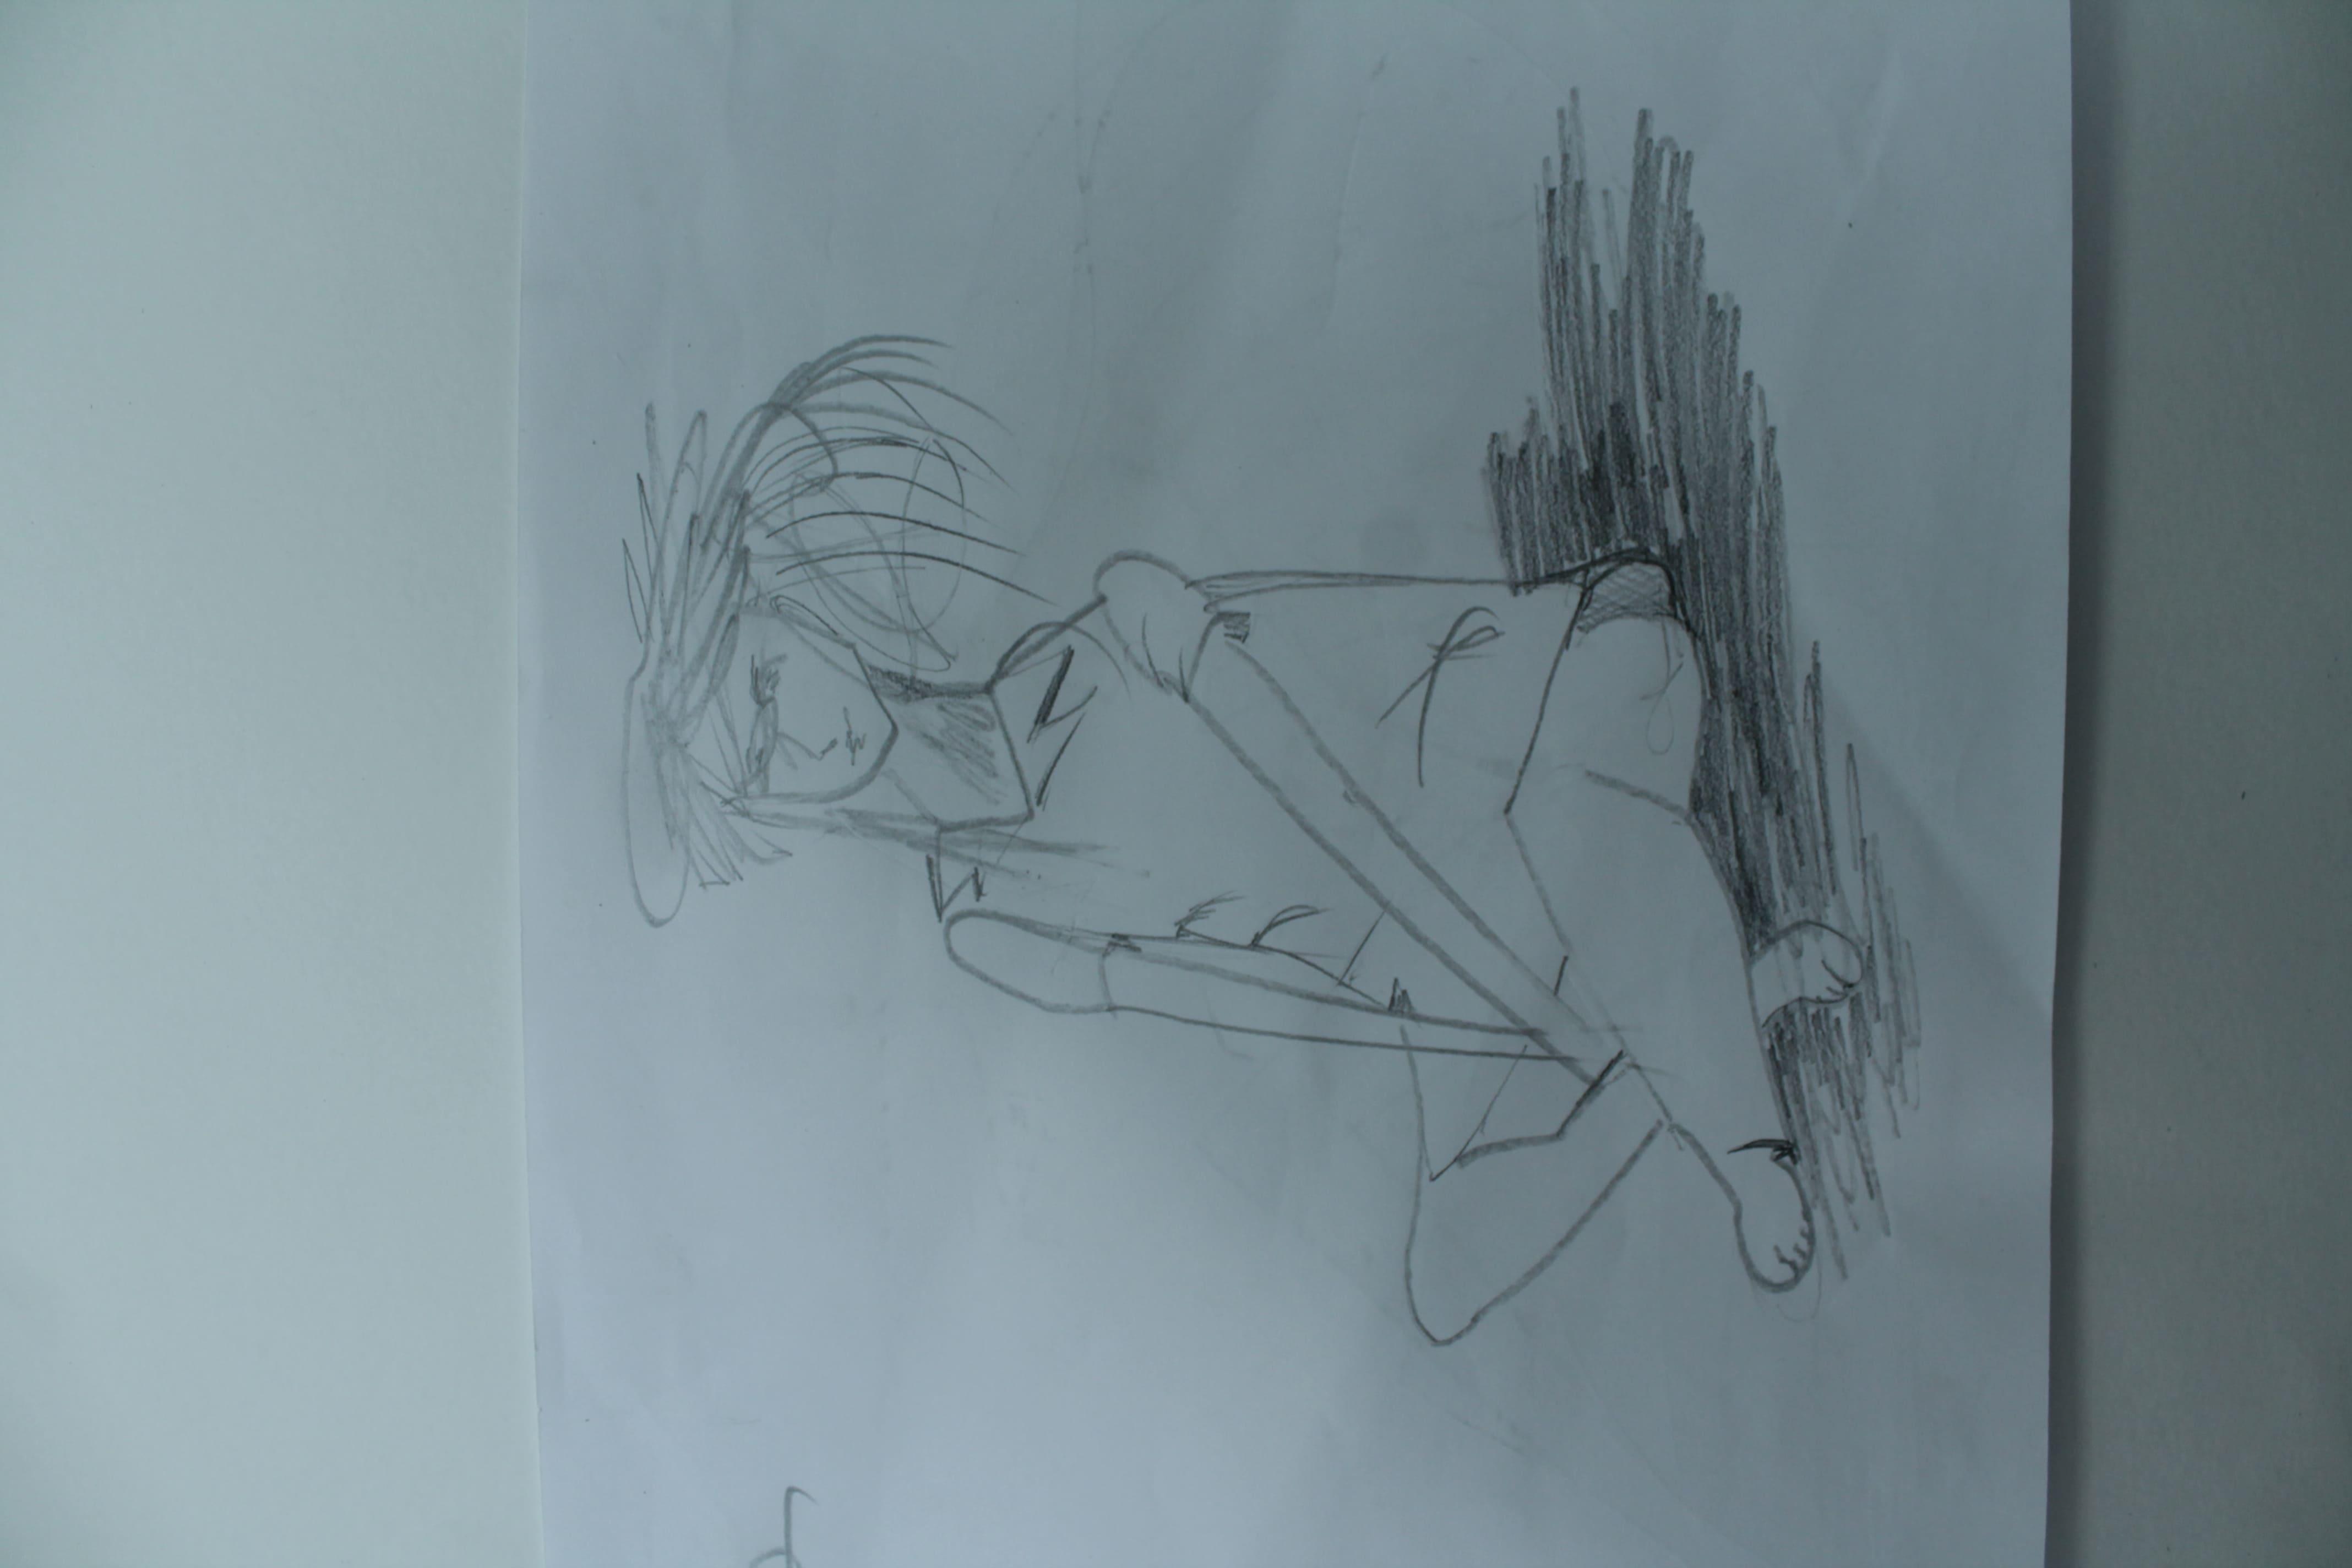 Ильиных Арсений, 11 лет